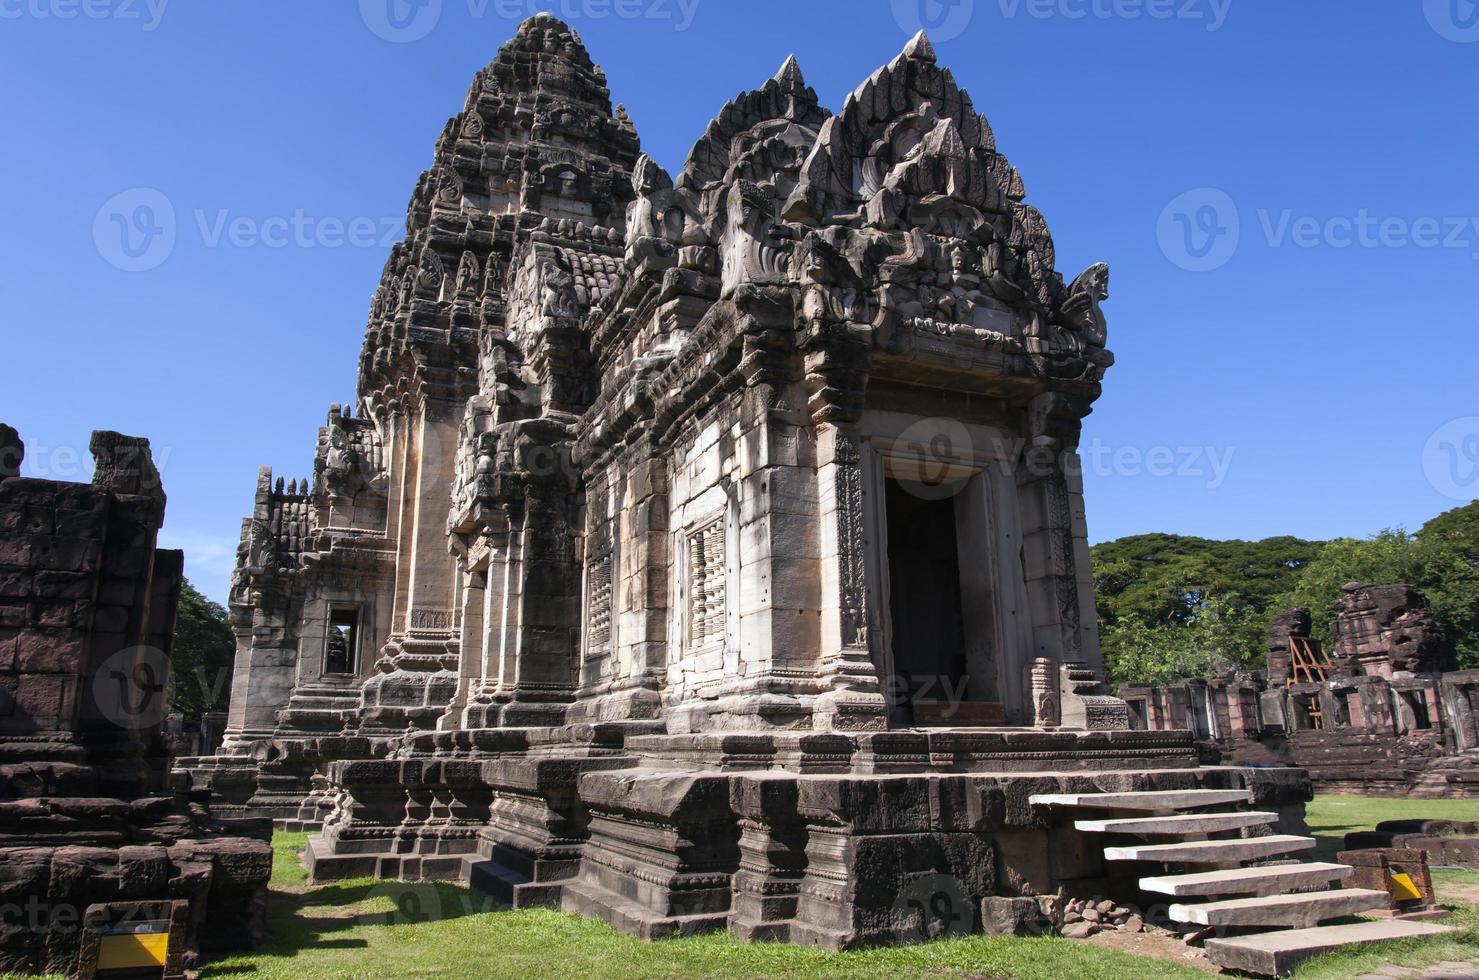 Le prang principal, tour principale dans le parc historique de Phimai, Thaïlande photo